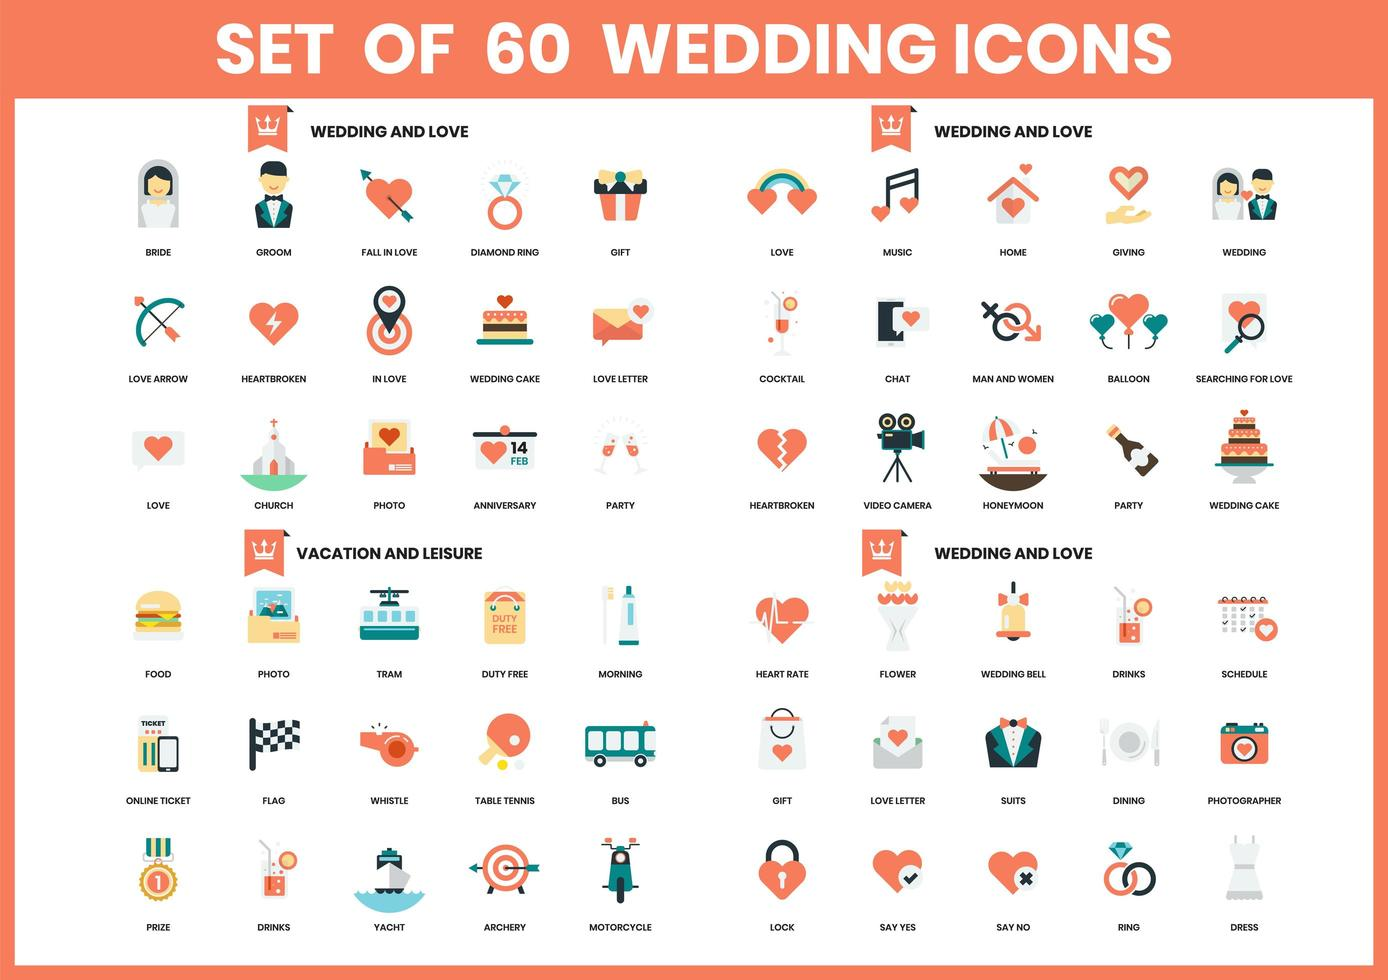 uppsättning av 60 bröllop, kärlek och semester ikoner vektor